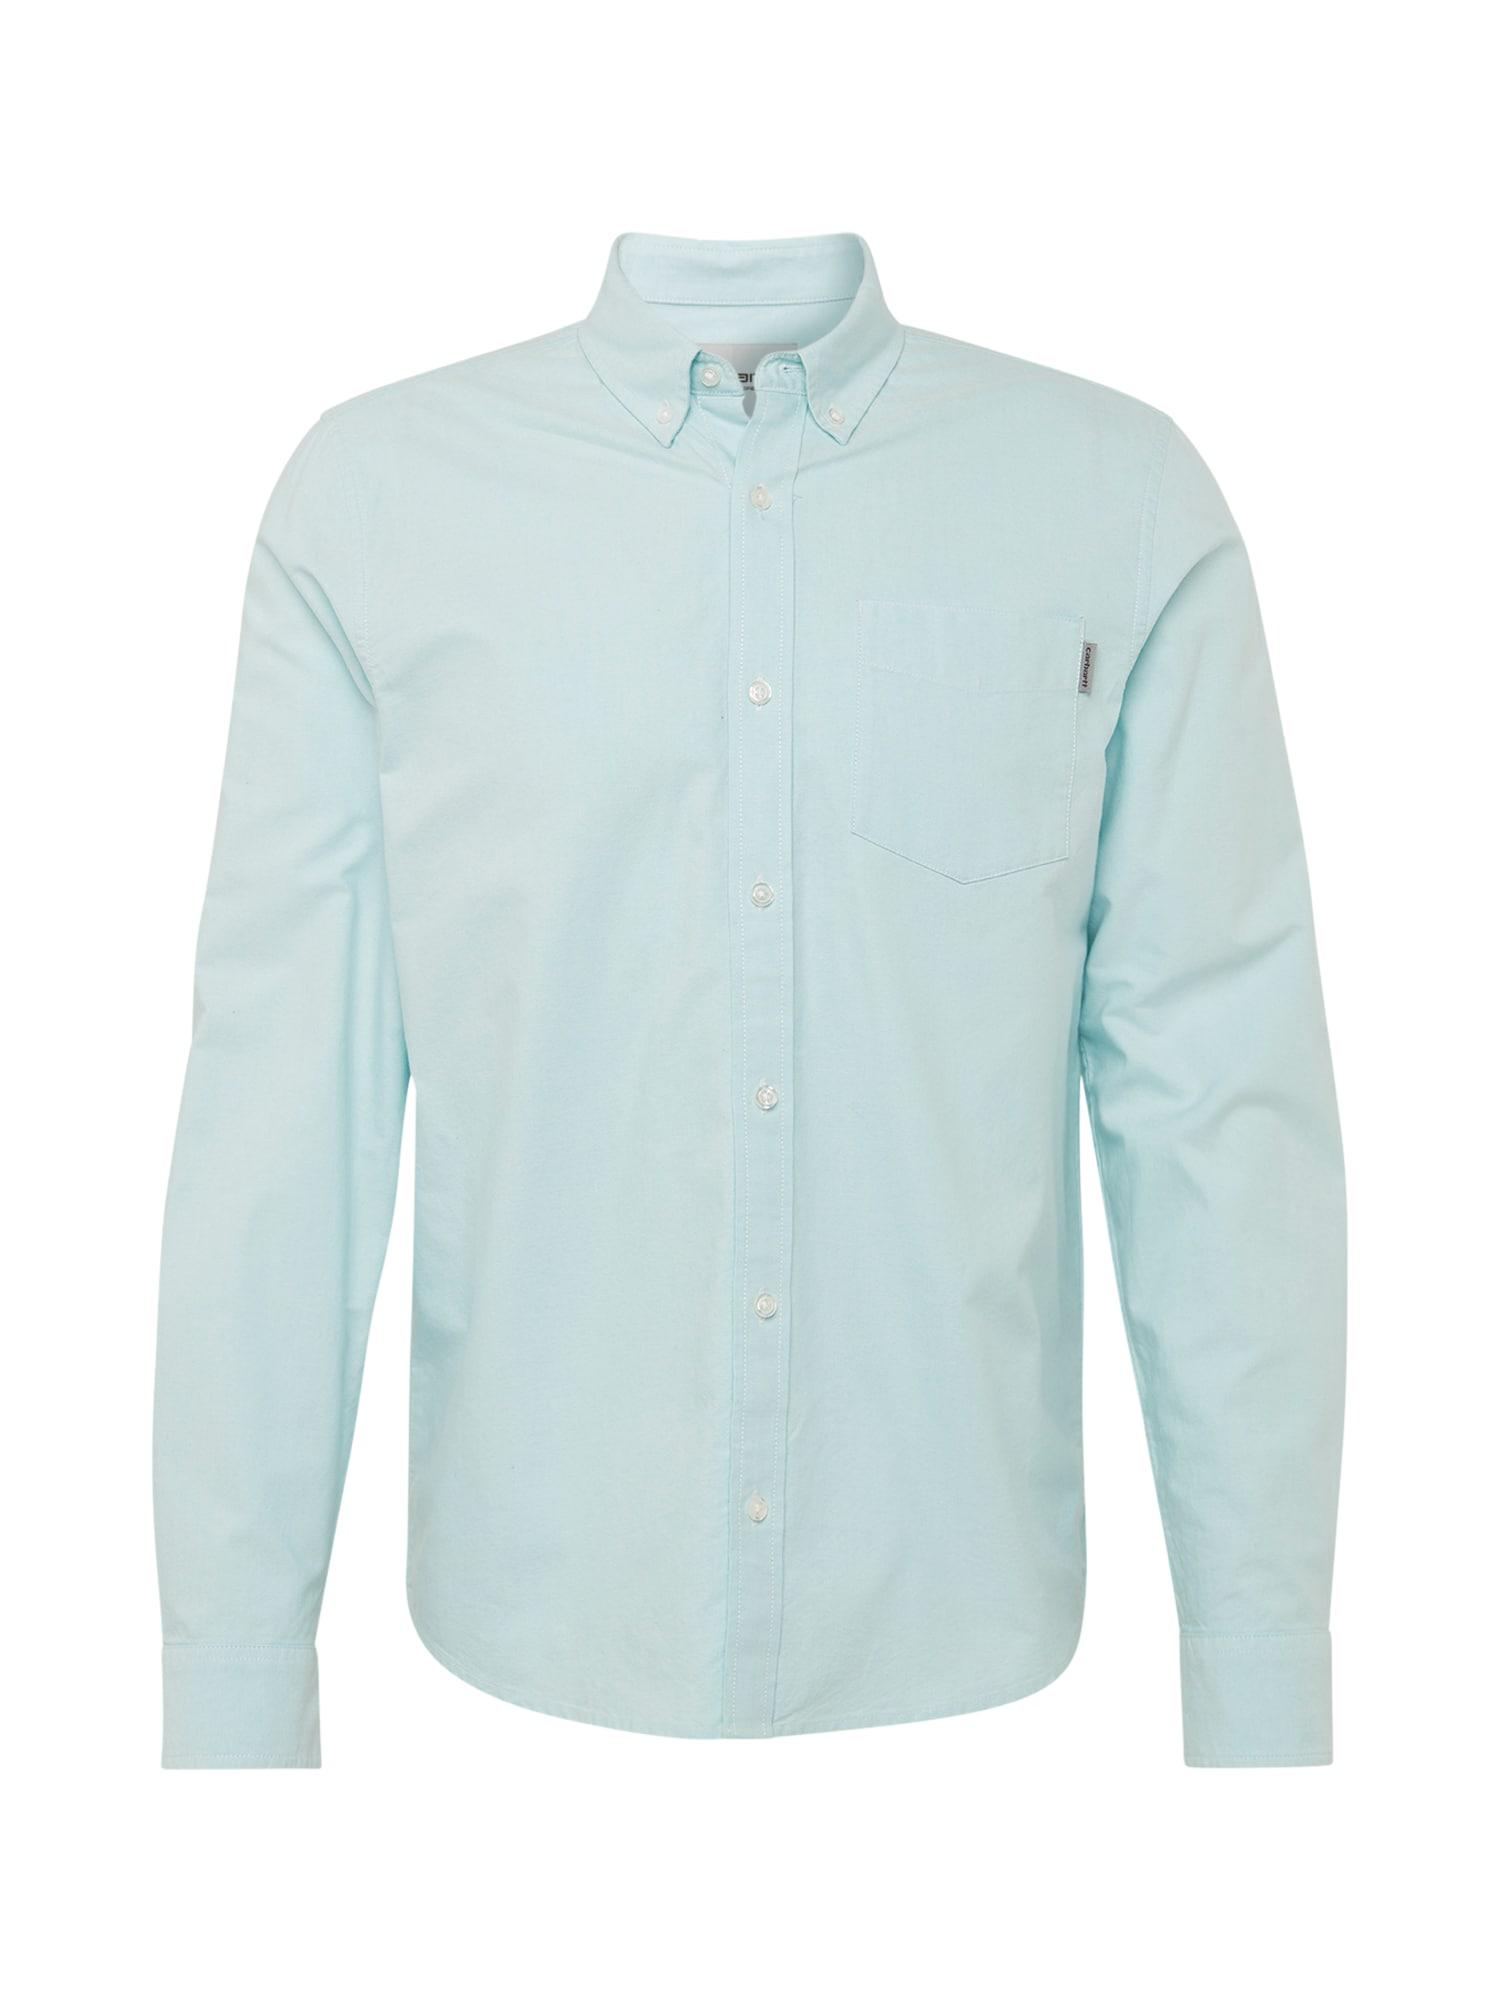 Carhartt WIP Dalykiniai marškiniai mėtų spalva